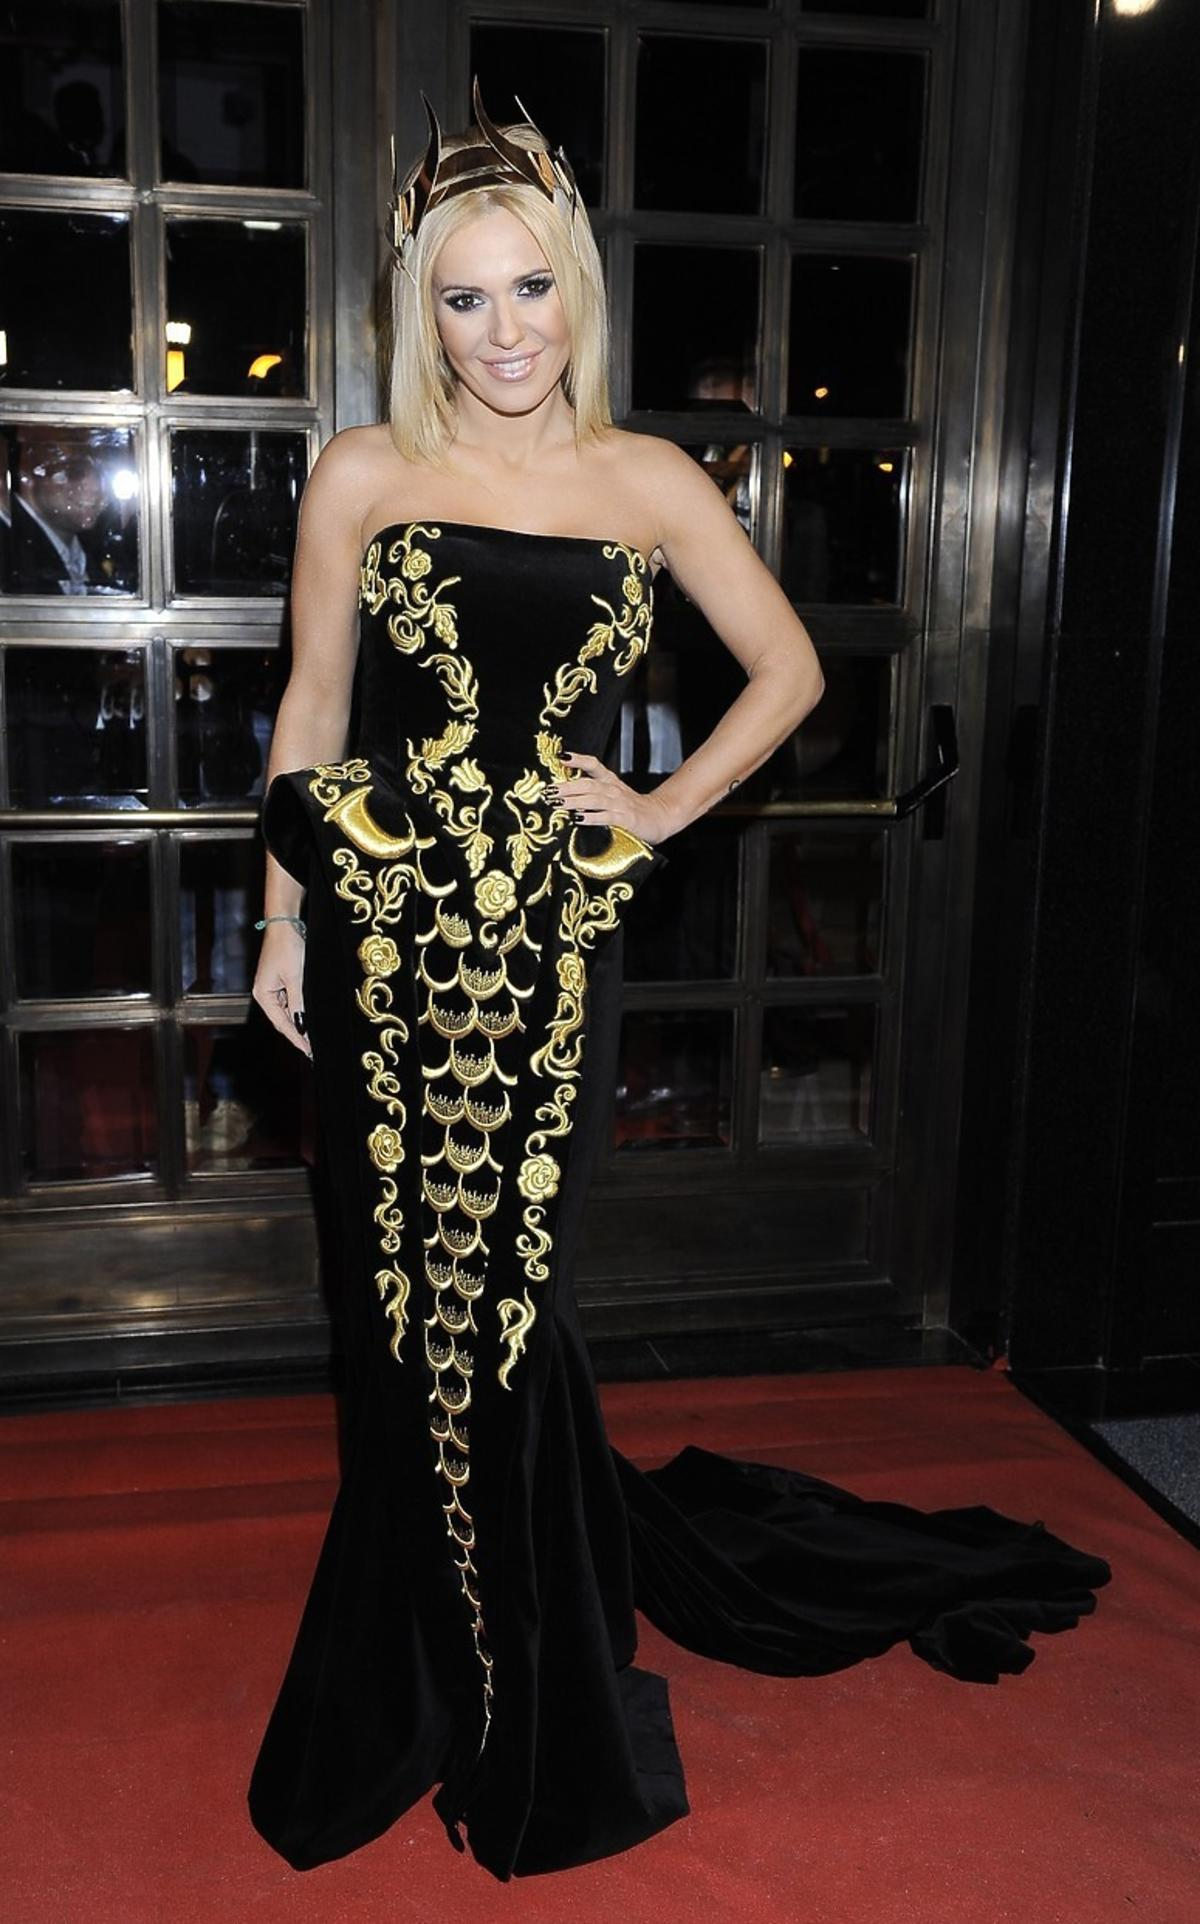 Doda w czarnej sukni do ziemi ze złotym ornamentem